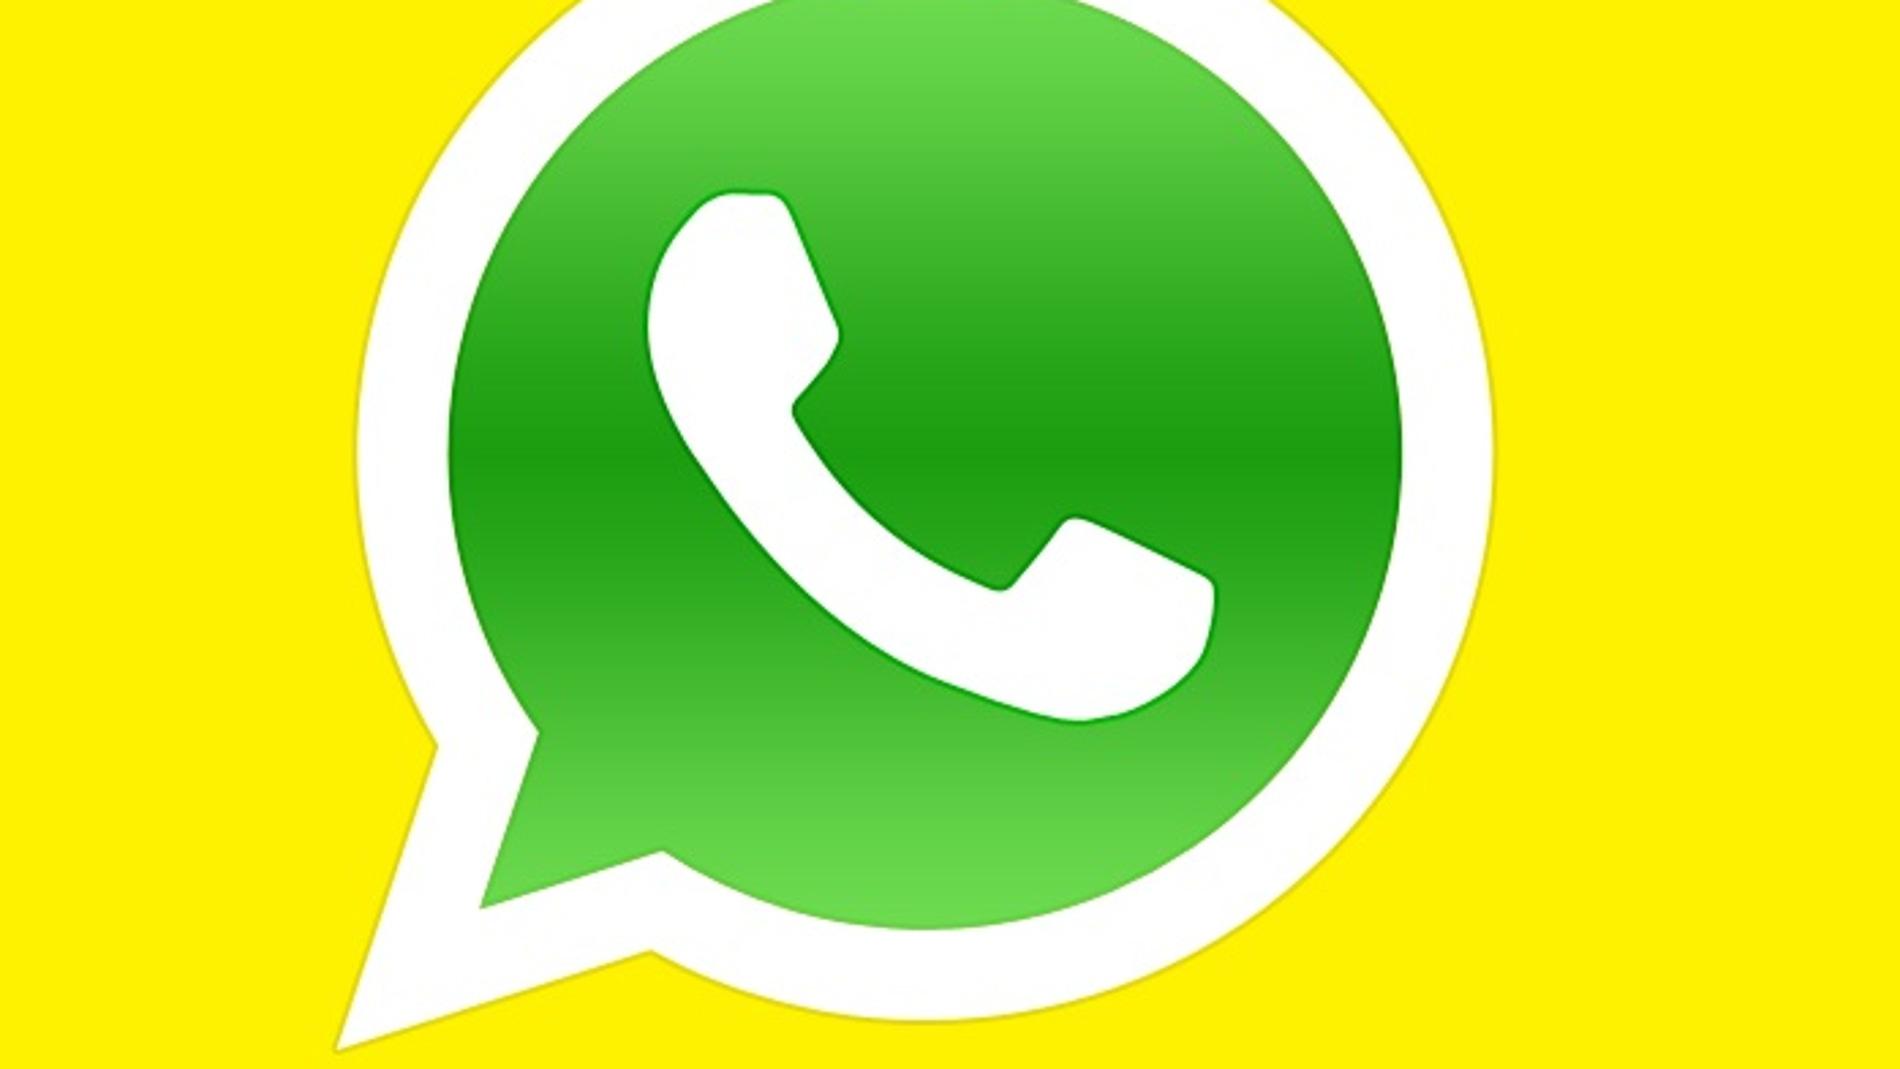 Icono de WhatsApp sobre un fondo amarillo